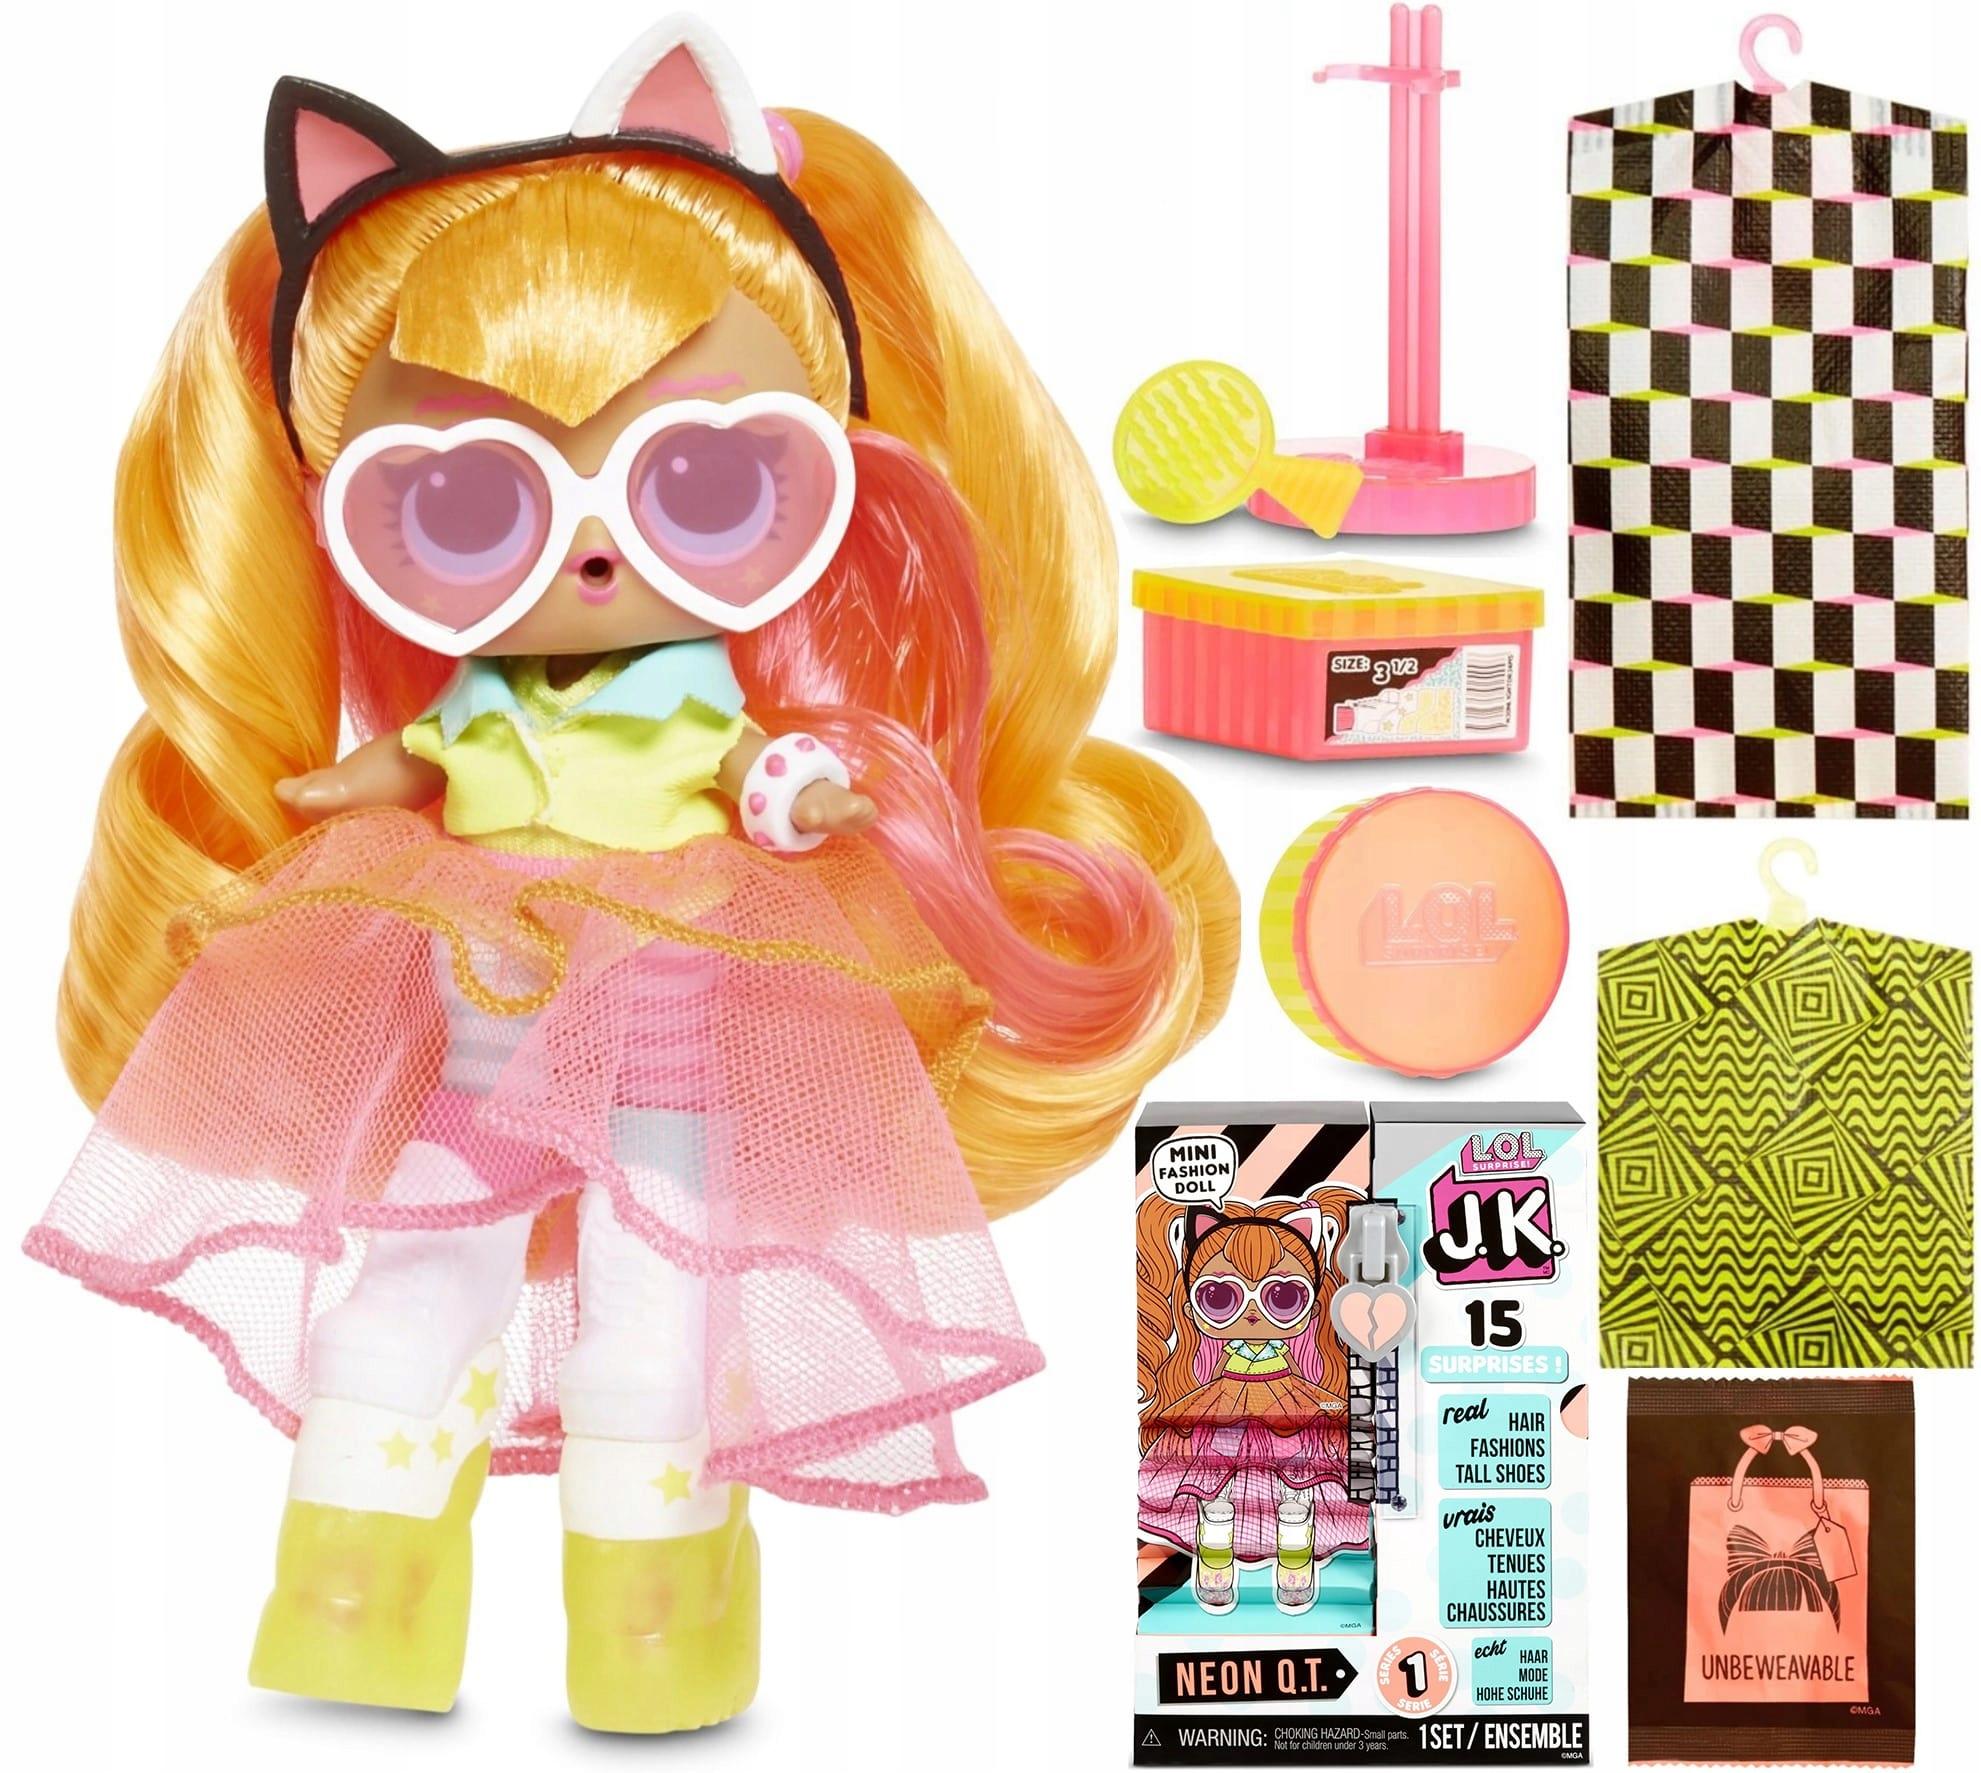 LOL J.K Mini Fashion S1 Neon Q.T. 570776